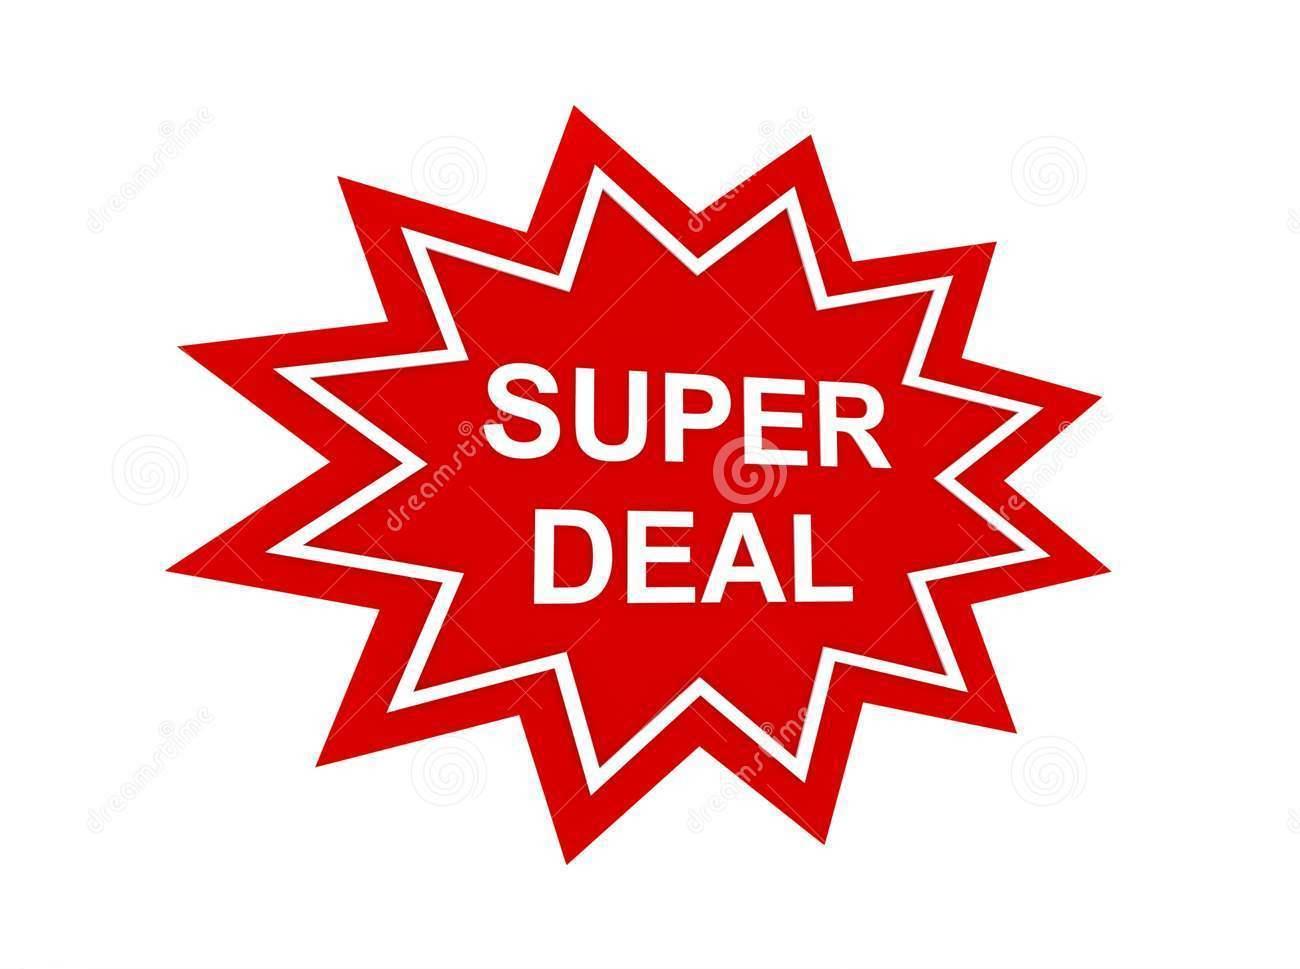 Super Hot Deal - RO